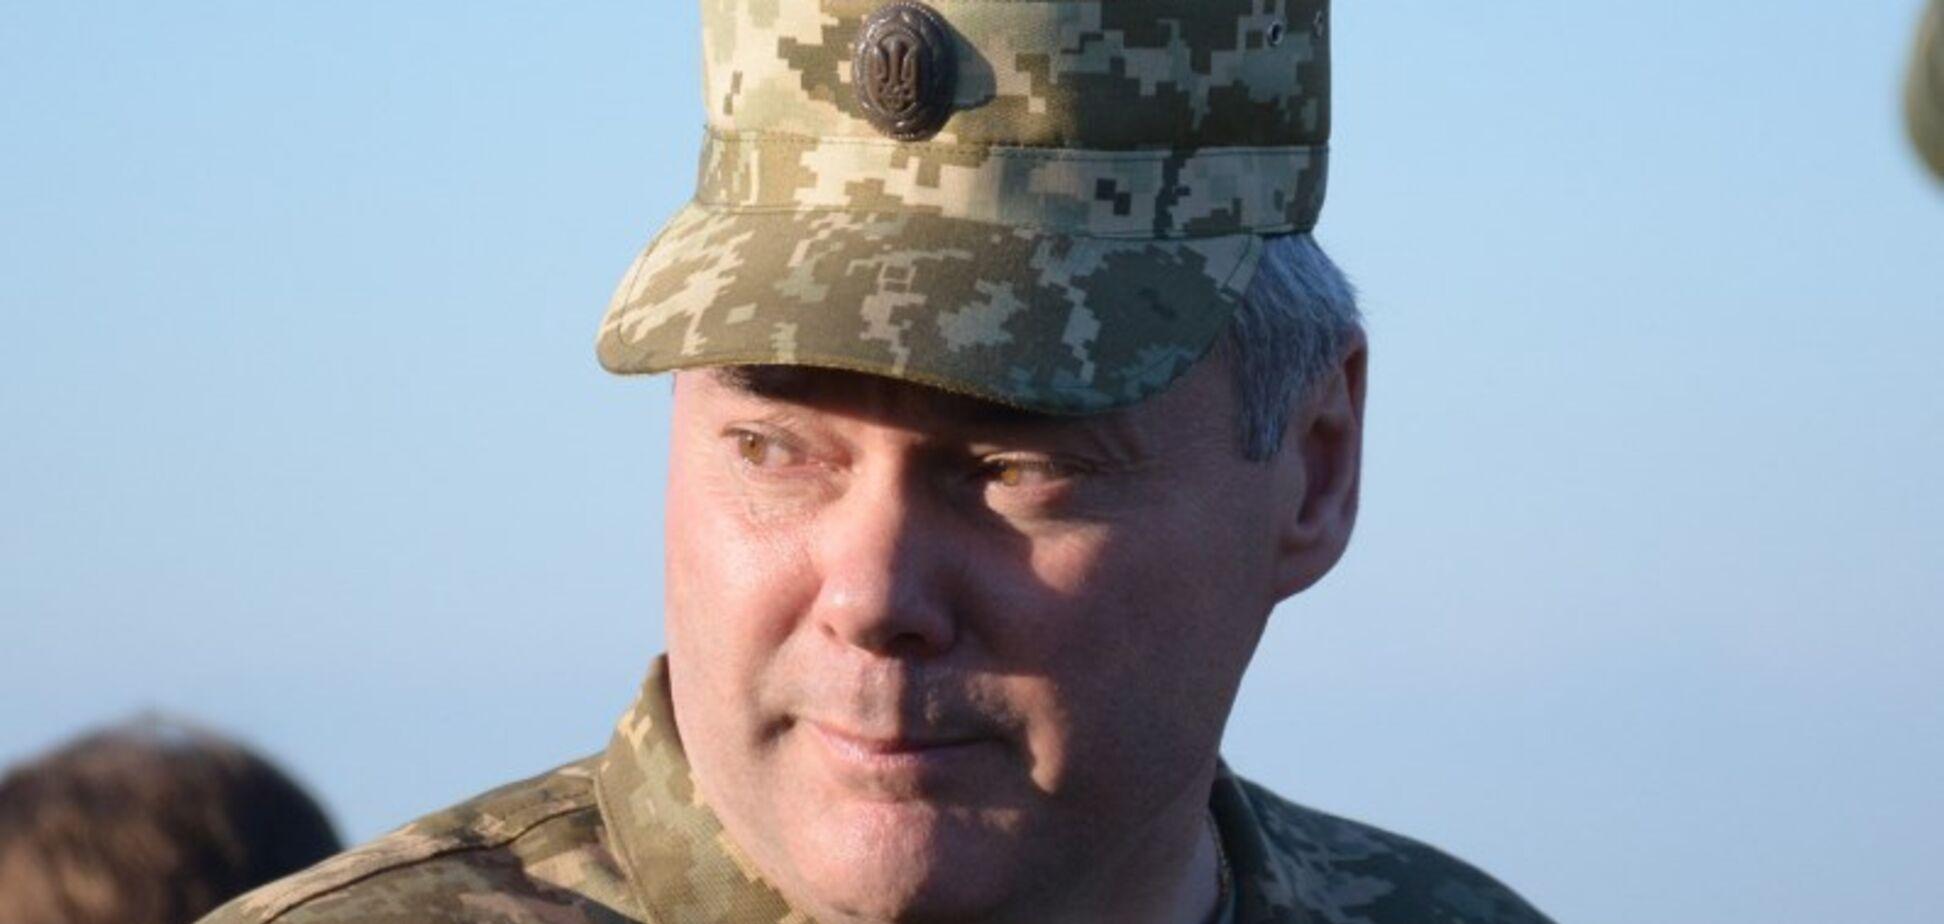 'Достичь цели': Наев озвучил главное отличие новой операции на Донбассе от АТО